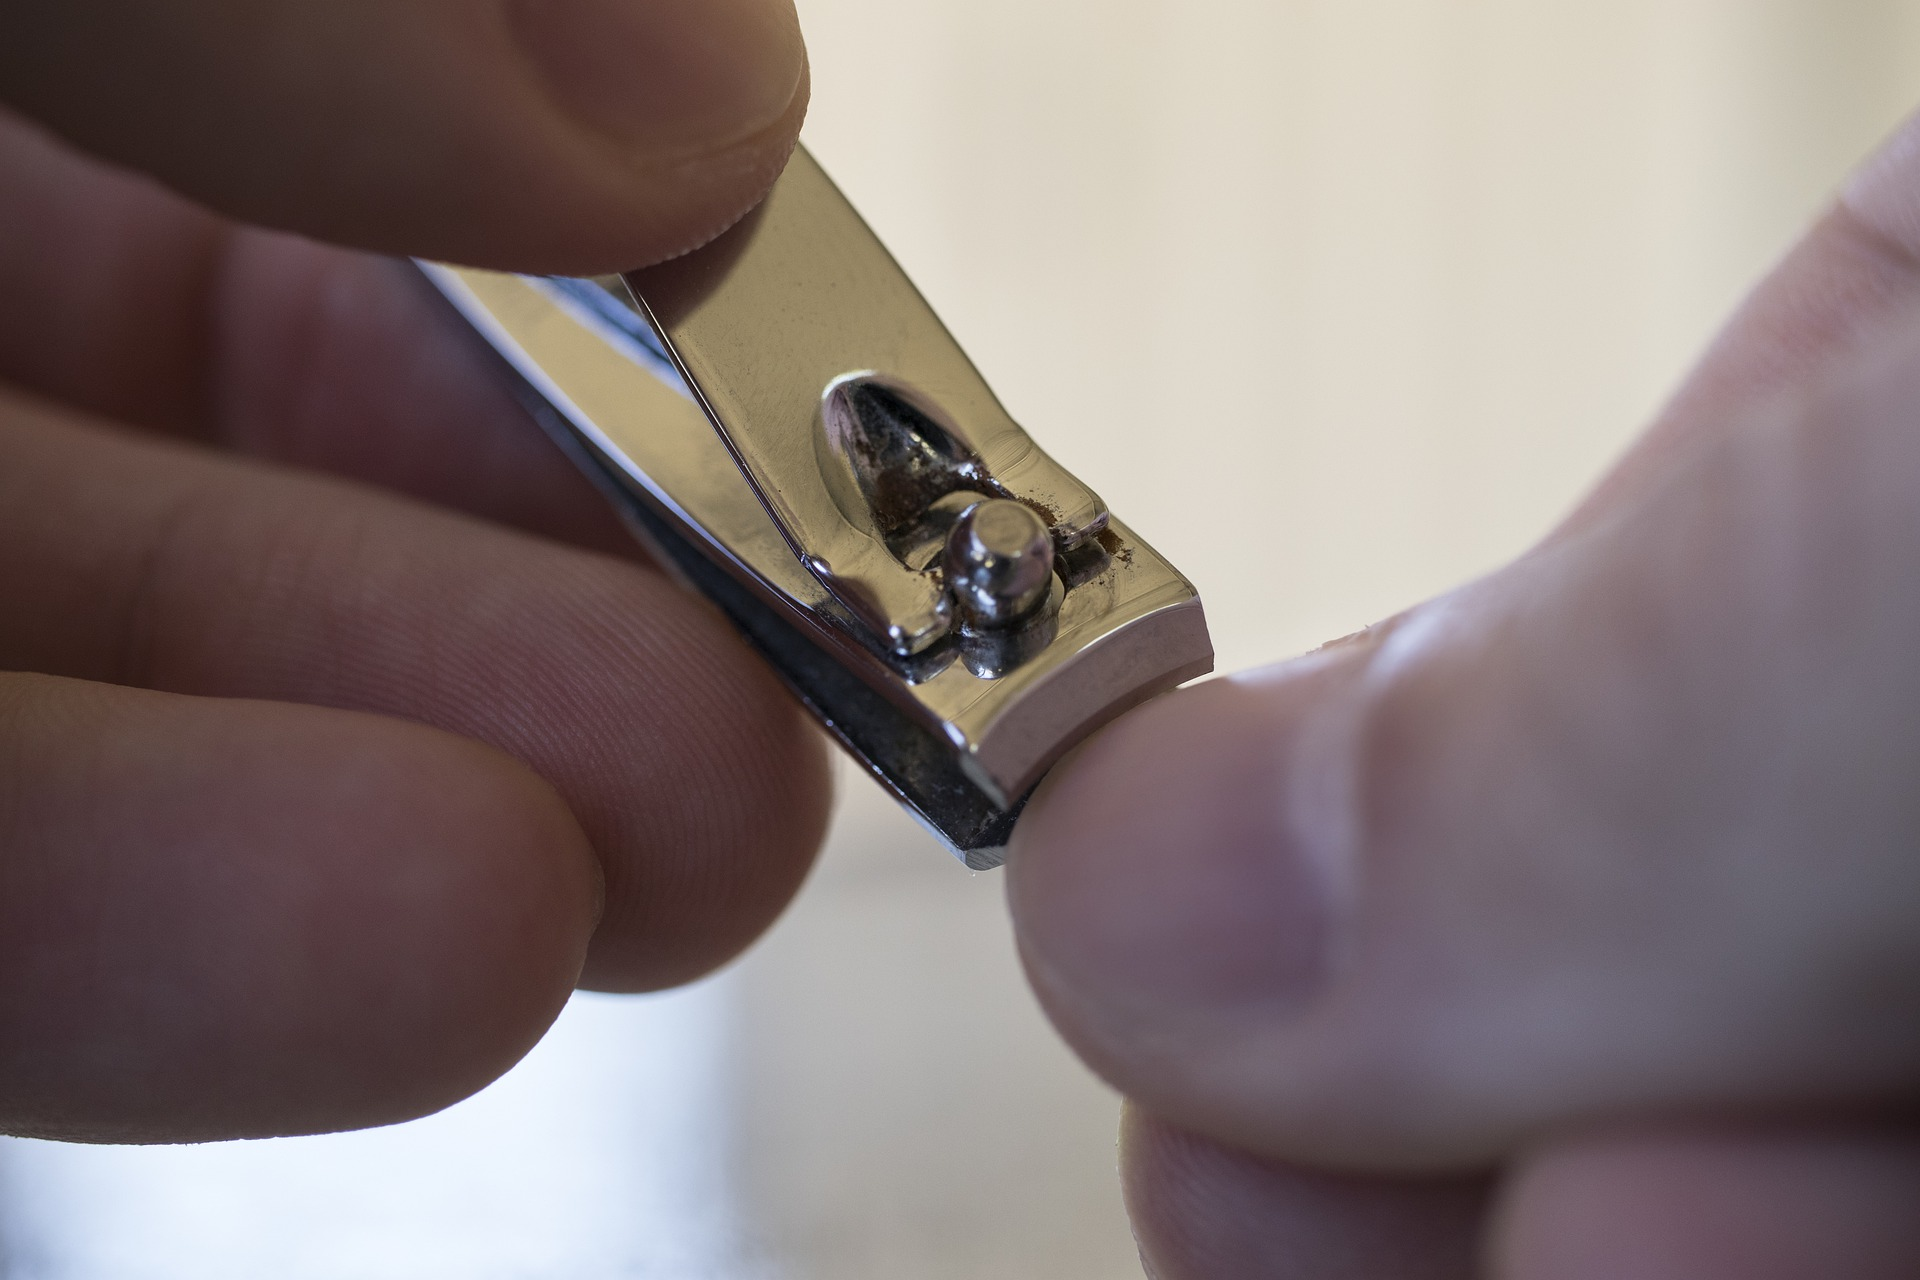 męskie paznokcie